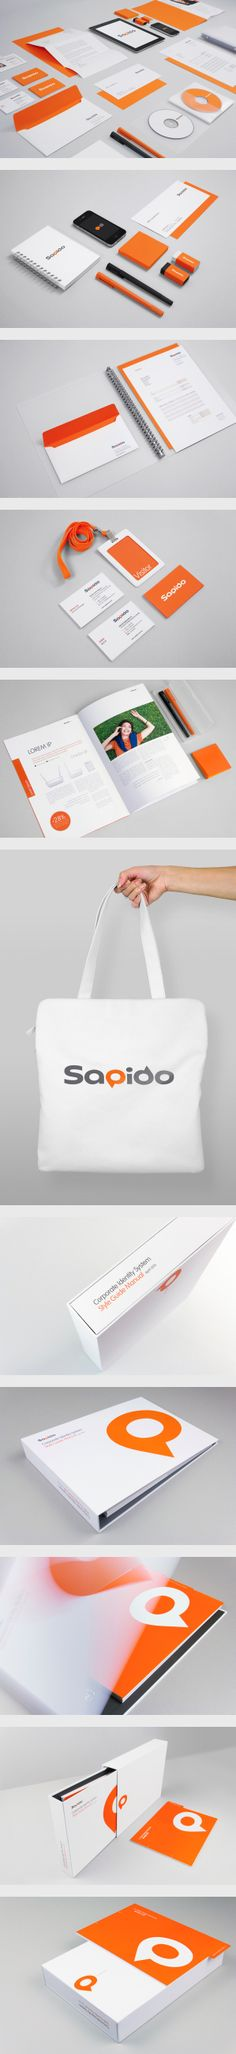 Sapido identity by David López